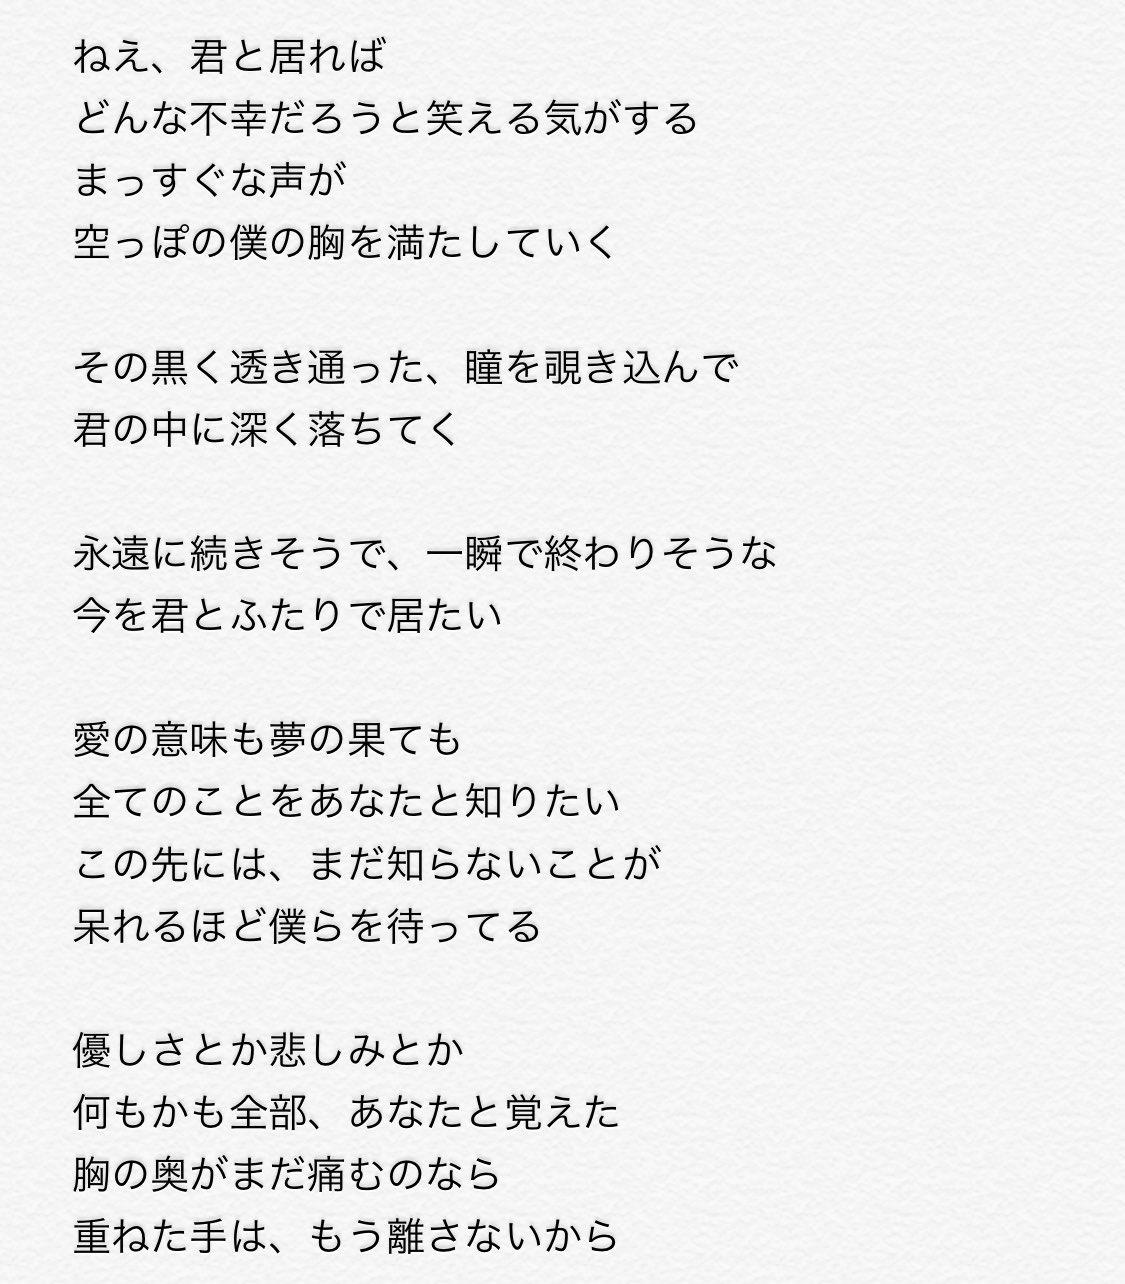 新 田 真剣 佑 歌詞